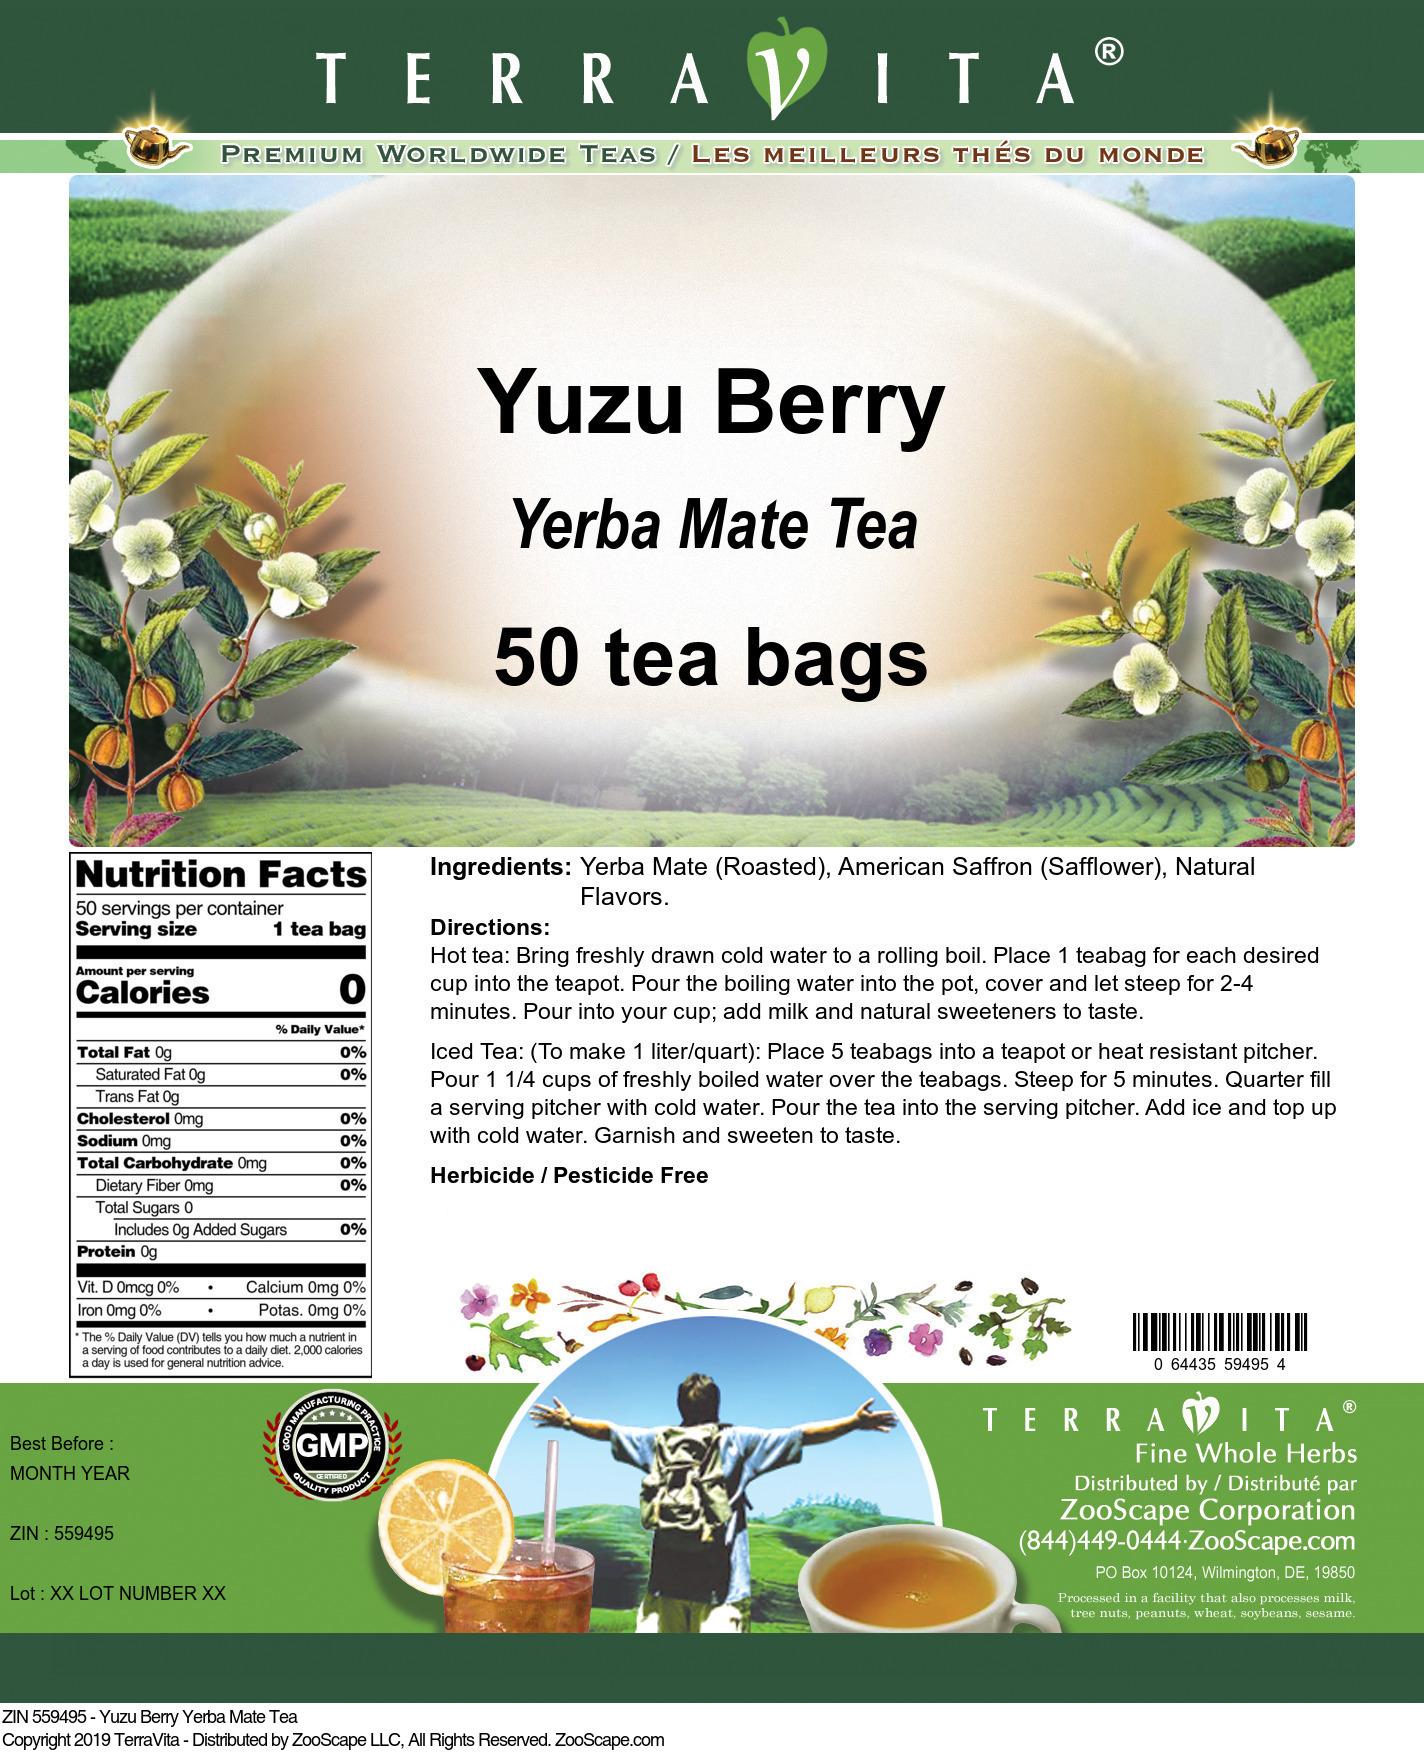 Yuzu Berry Yerba Mate